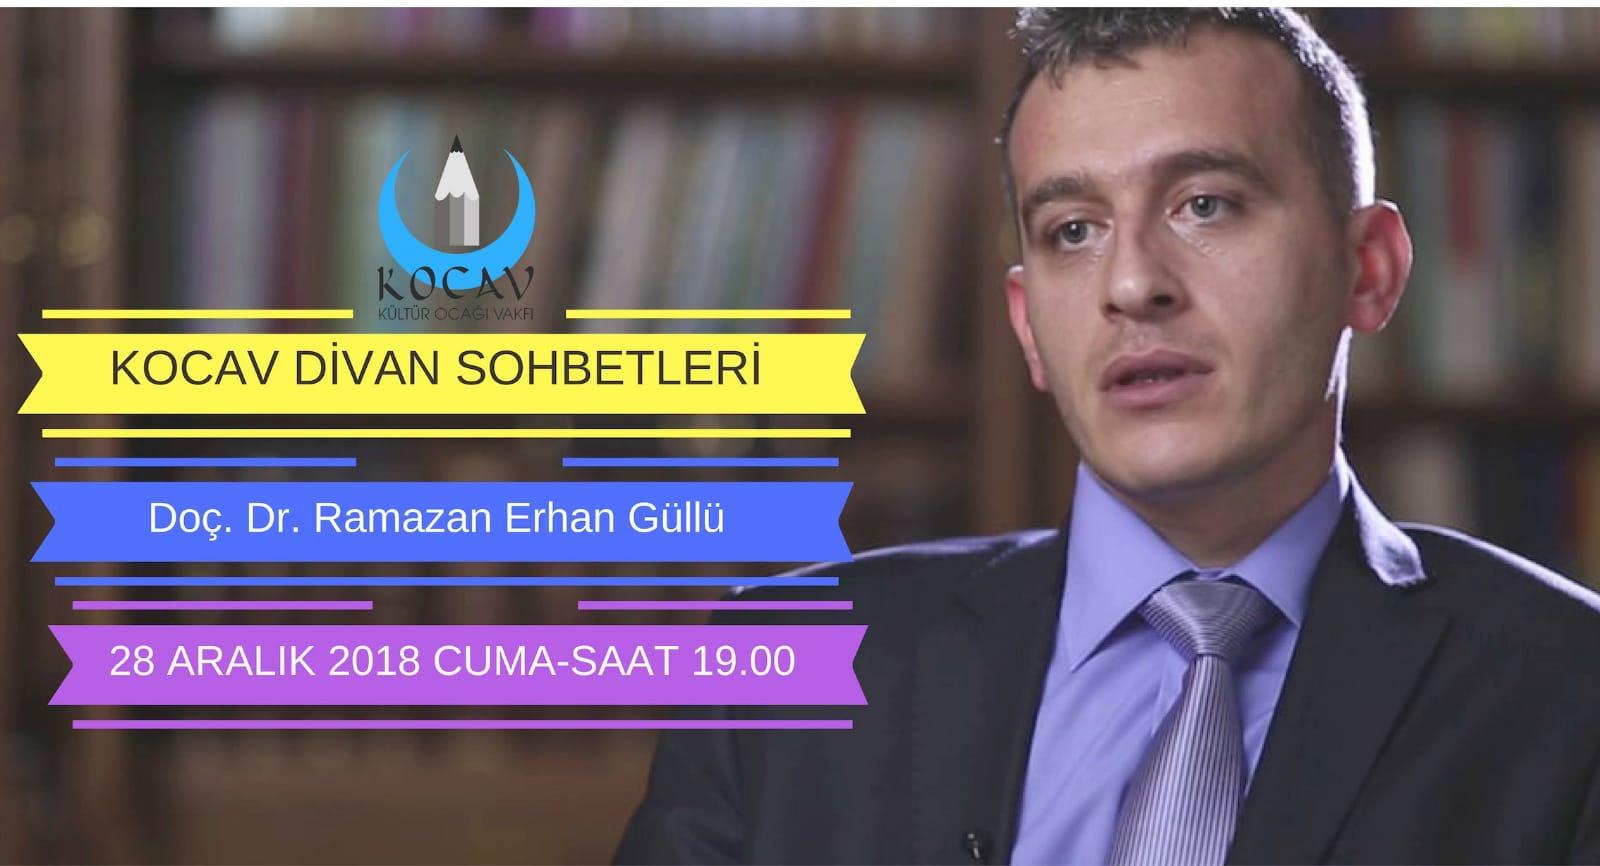 İstanbul Üniversitesi Tarih Bölümü Öğretim Üyesi Doç. Dr. Ramazan Erhan Güllü